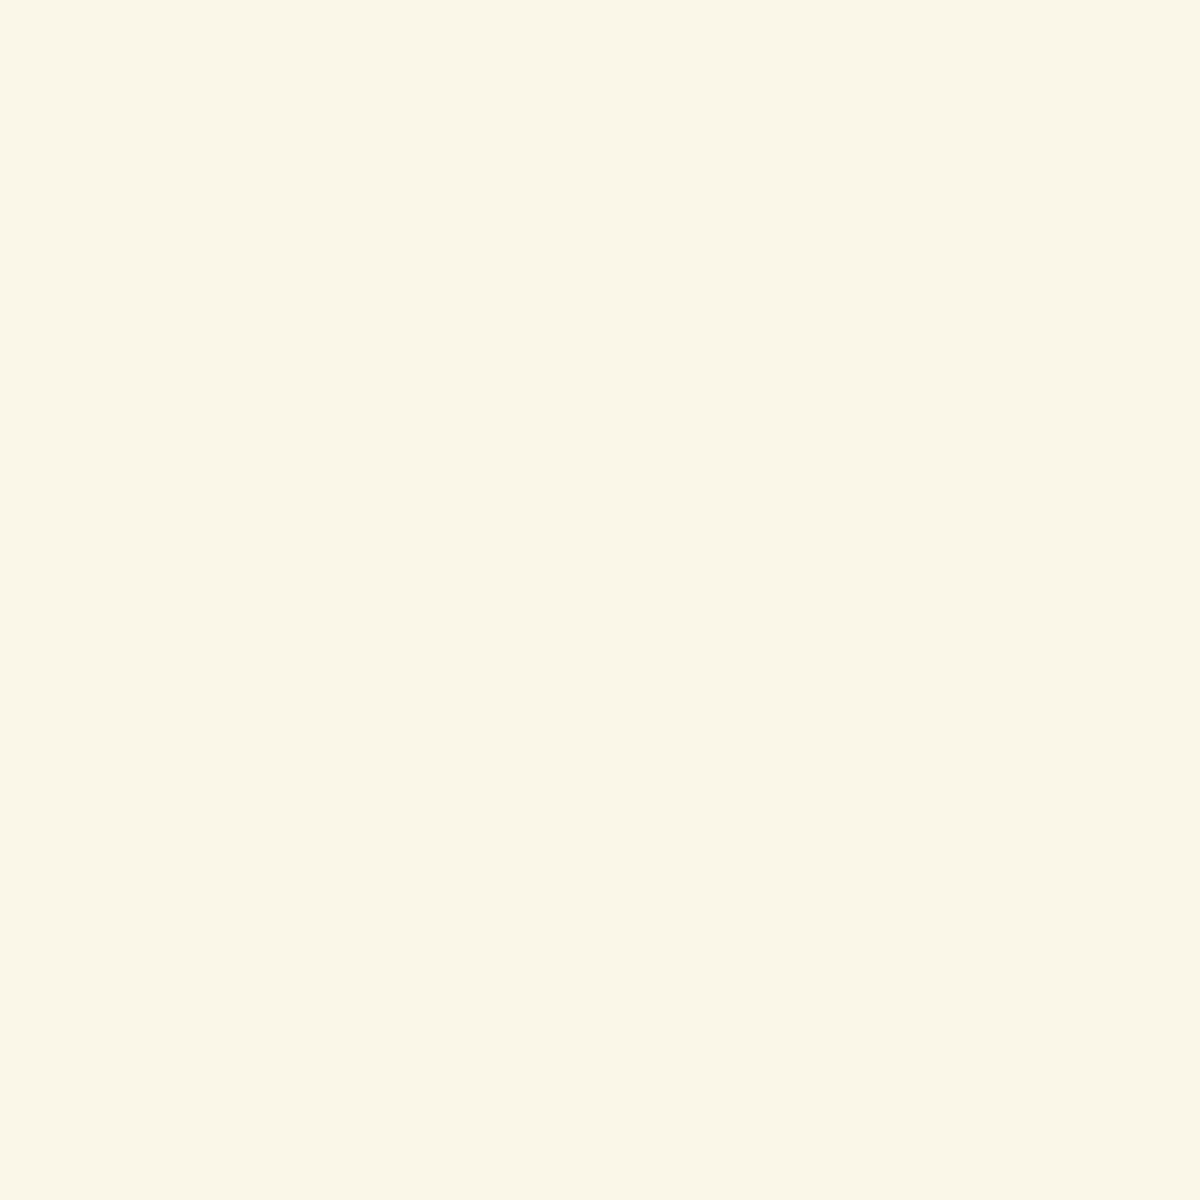 egger panneaux panneau particules surfac m lamin ppsm eurodekor blanc craie egger 280x207. Black Bedroom Furniture Sets. Home Design Ideas